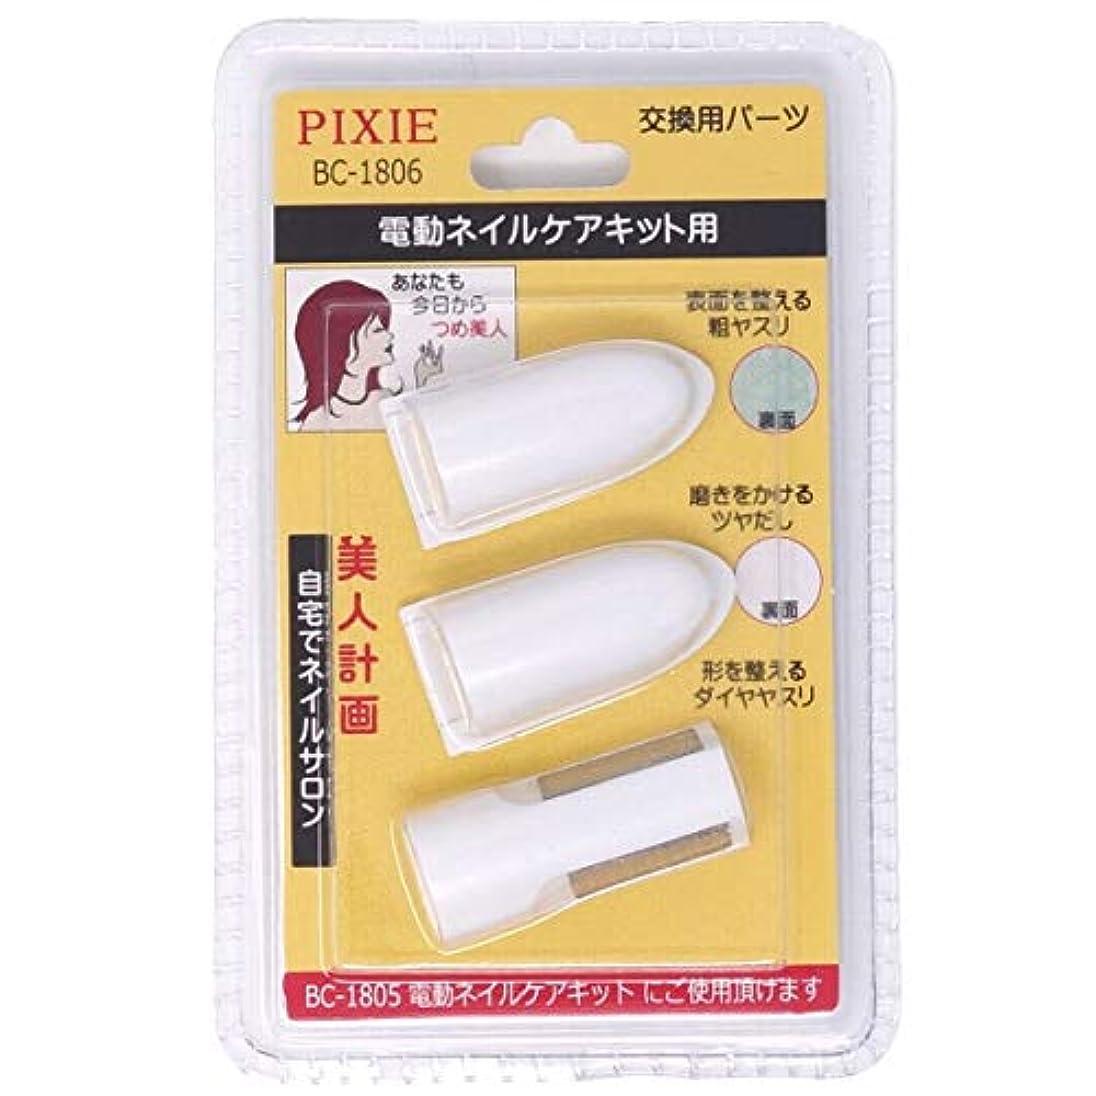 道に迷いました鬼ごっこ発揮する爪美人 電動ネイルケアキット用 交換パーツセット PIXIE BC-1807